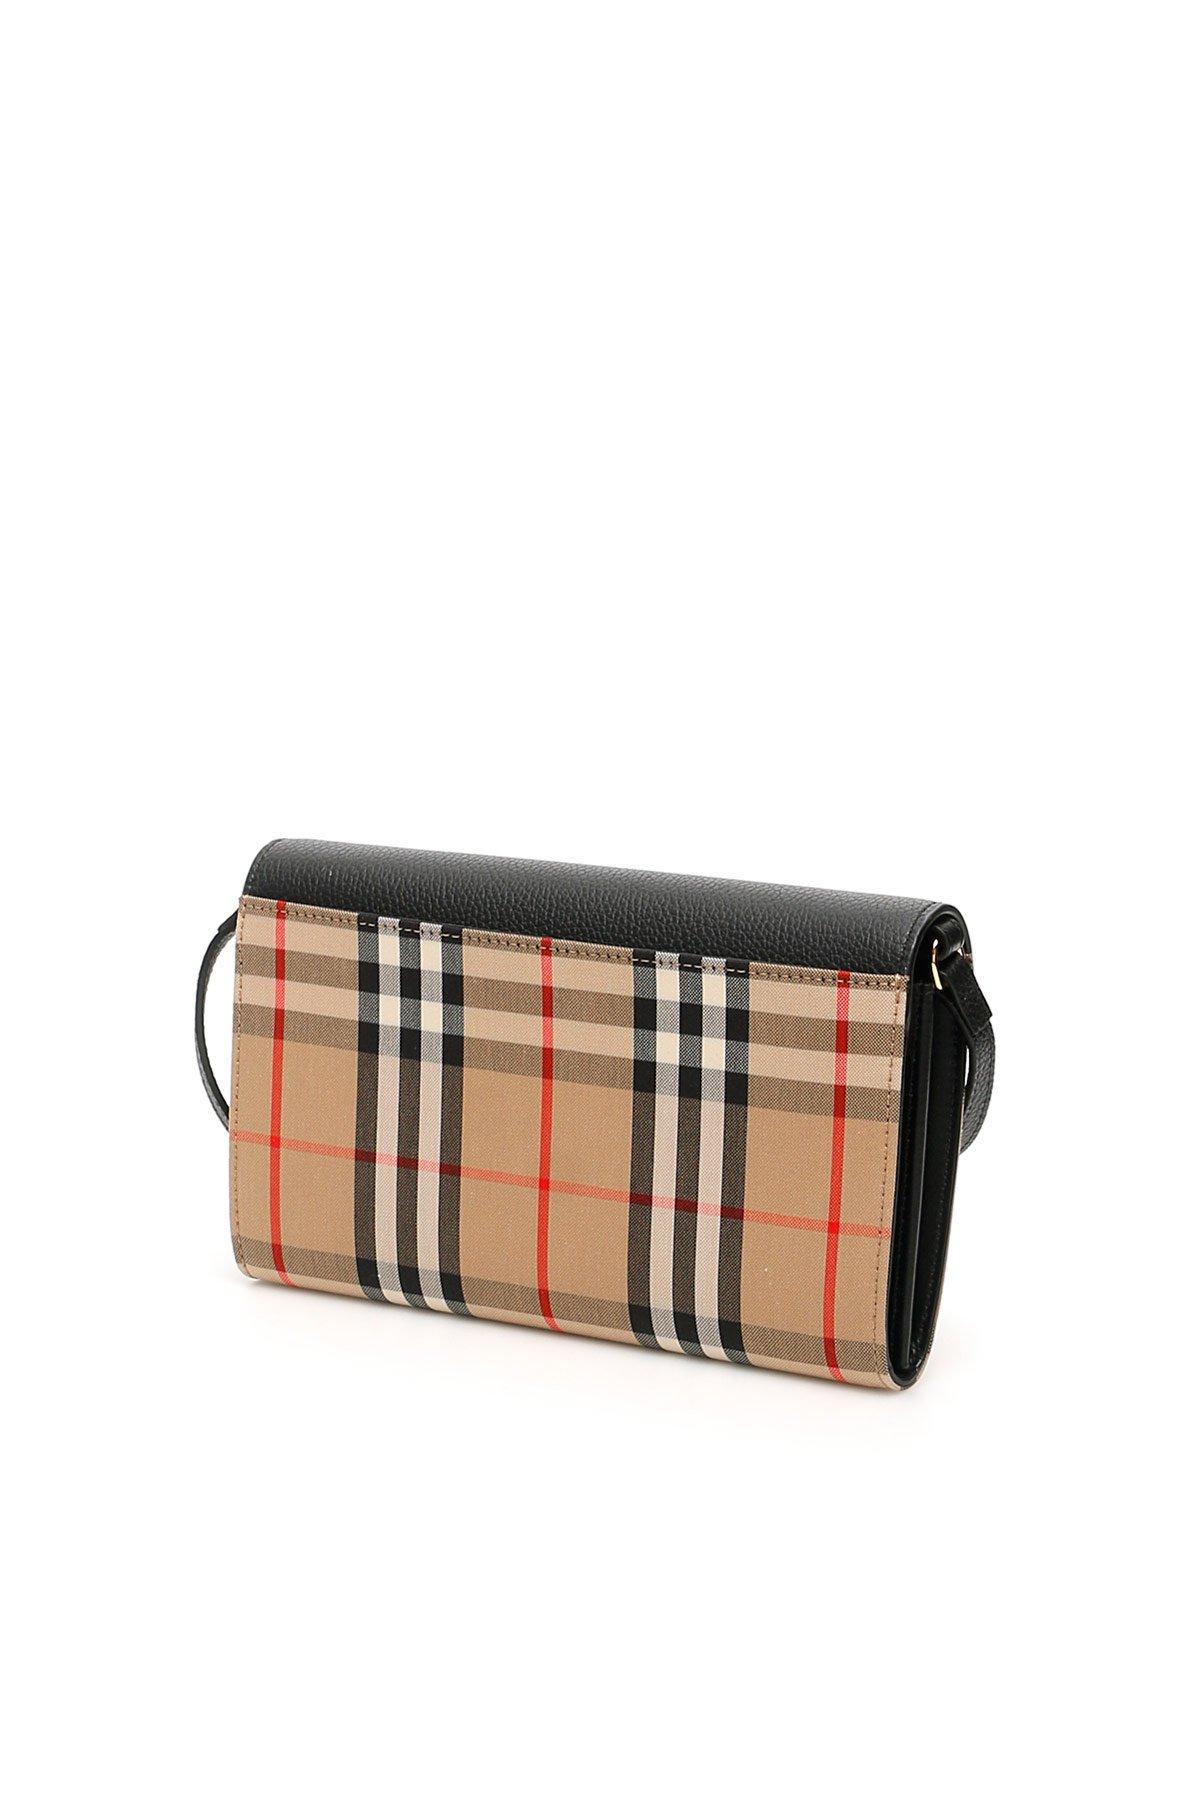 Burberry portafoglio hanna con tracolla